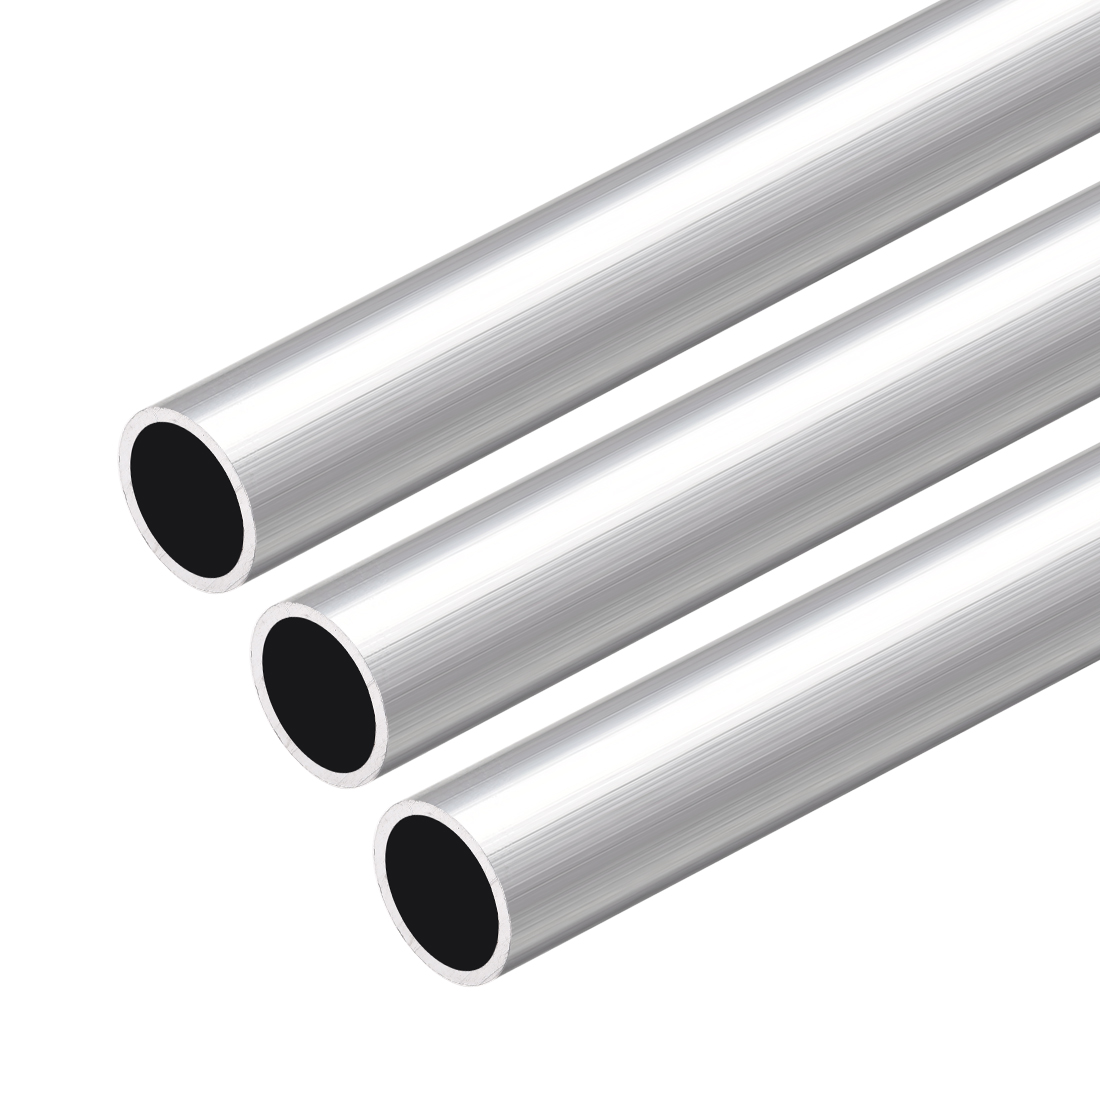 6063 Aluminum Round Tube 300mm Length 13mm OD 11mm Inner Dia Seamless Tube 3 Pcs